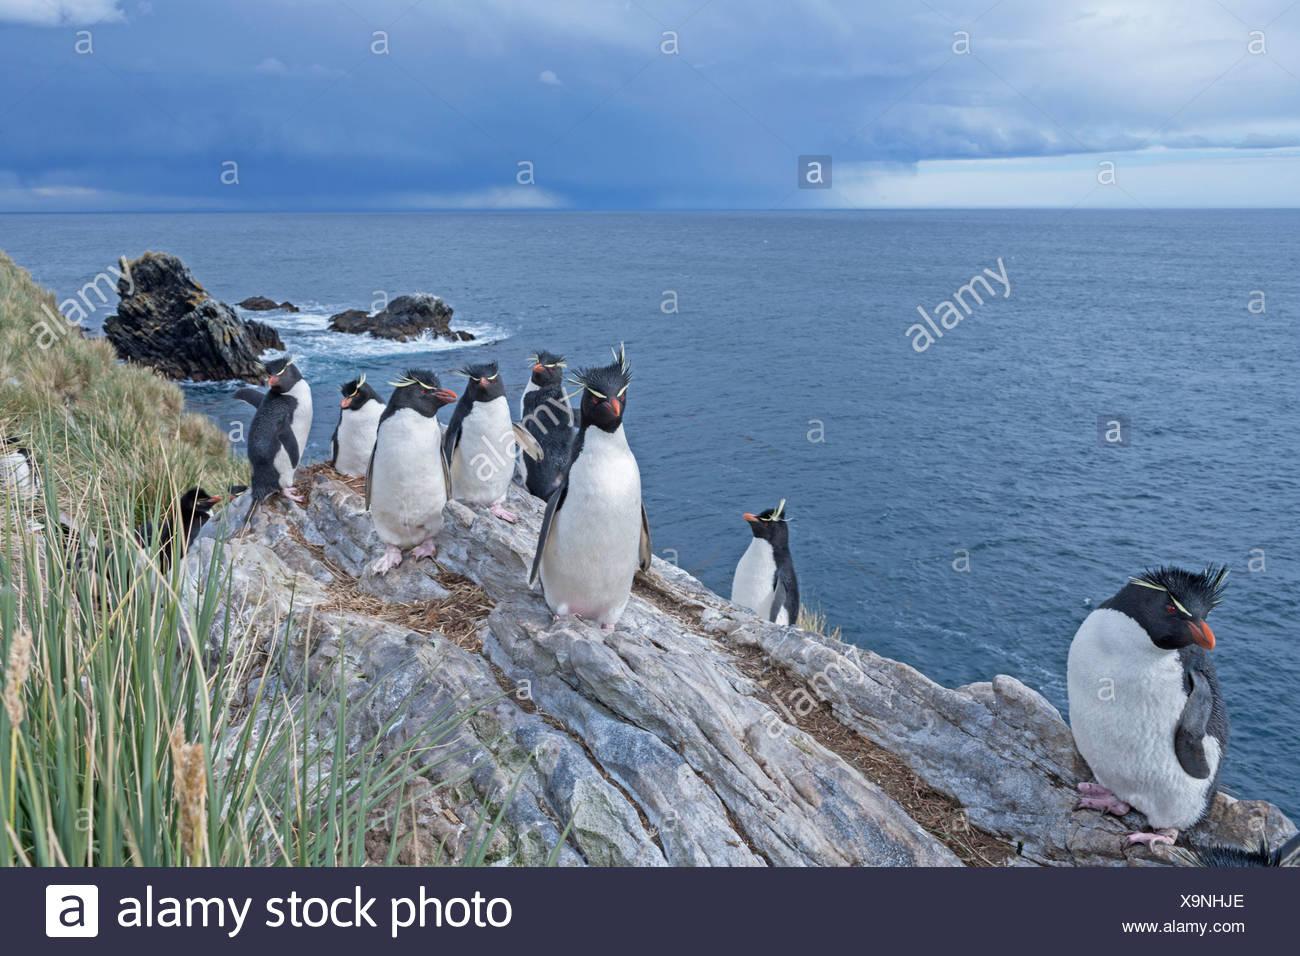 Groupe des gorfous sauteurs (Eudyptes chrysocome chrysocome), îles Falkland Photo Stock